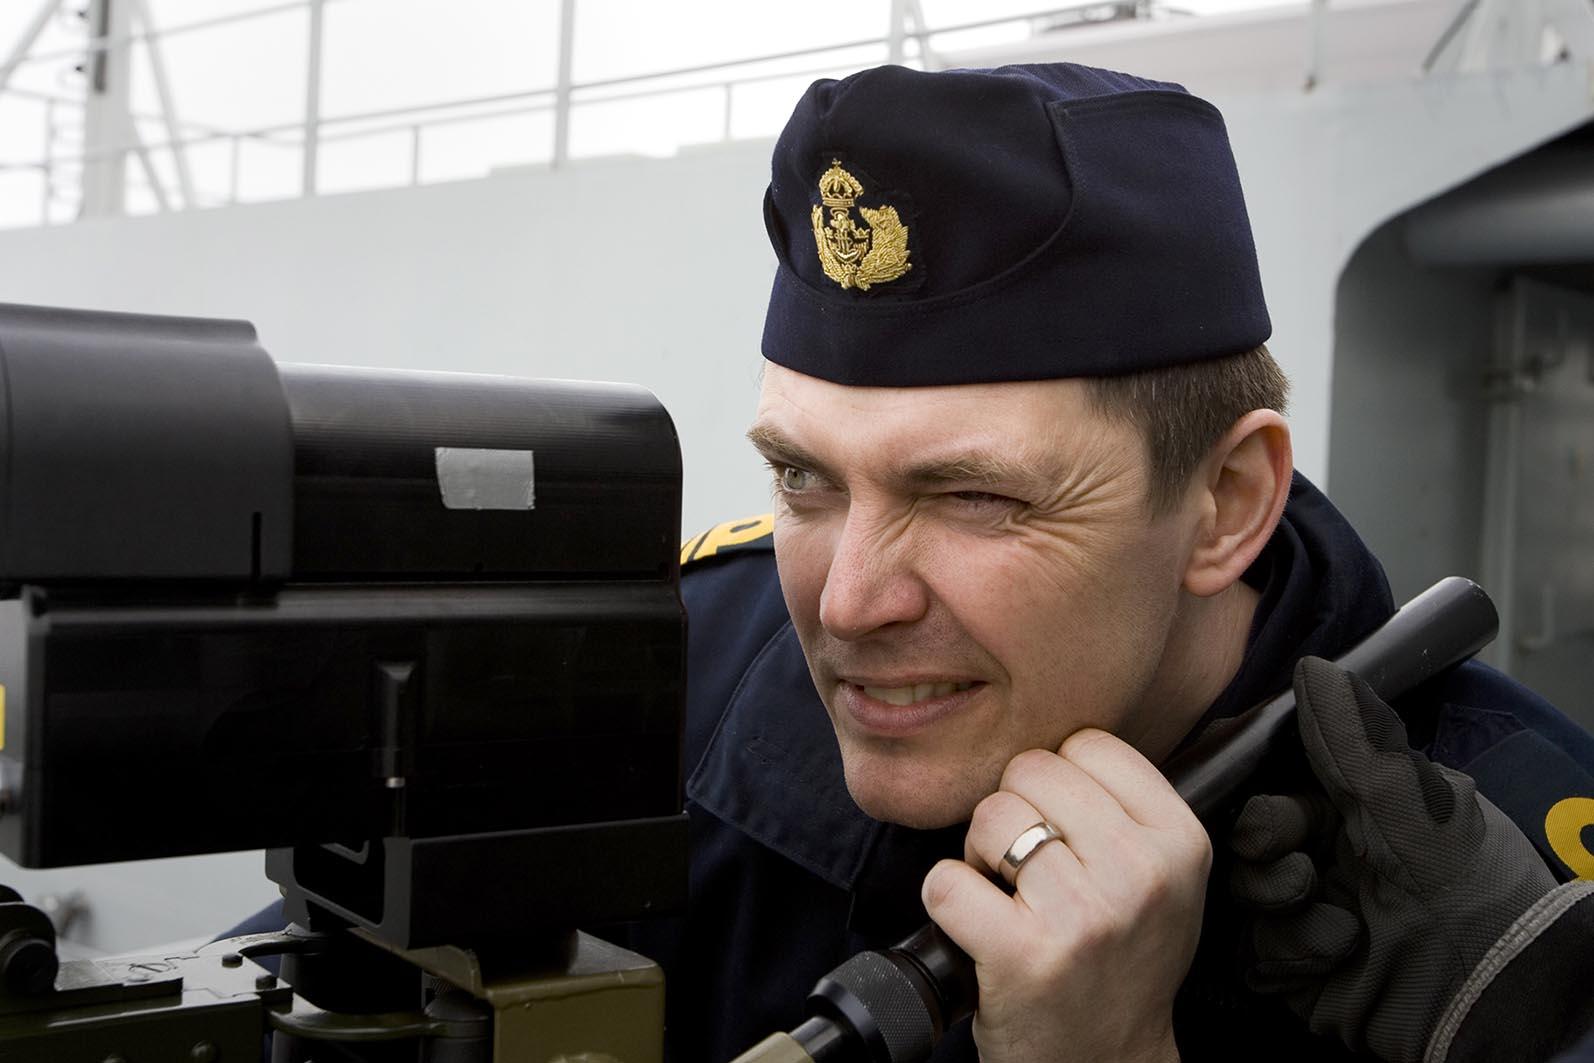 En akademisk officersutbildning syftar till att göra officerarna och våra stridskrafter så farliga för fienden som möjligt. Foto: Marcus Olsson, cCombat Camera, Försvarsmakten.